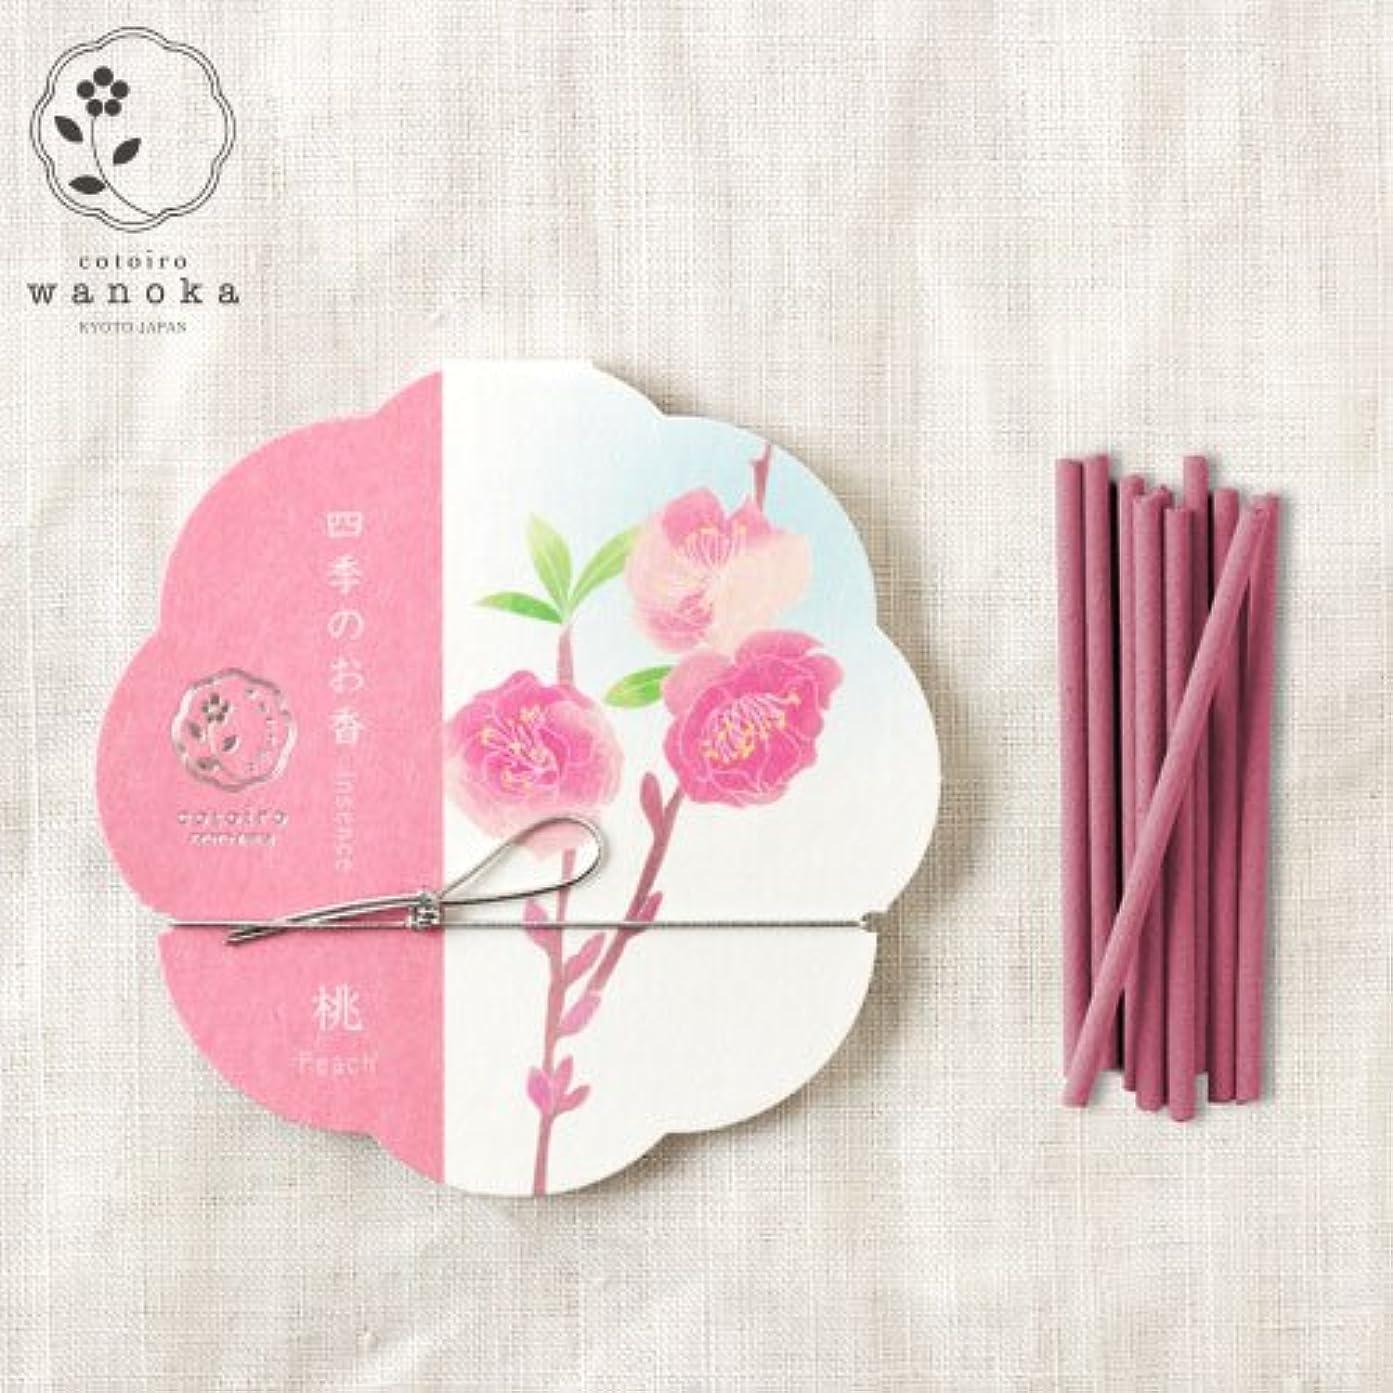 きゅうり利用可能脱走wanoka四季のお香(インセンス)桃《桃のお花をイメージした甘い香り》ART LABIncense stick